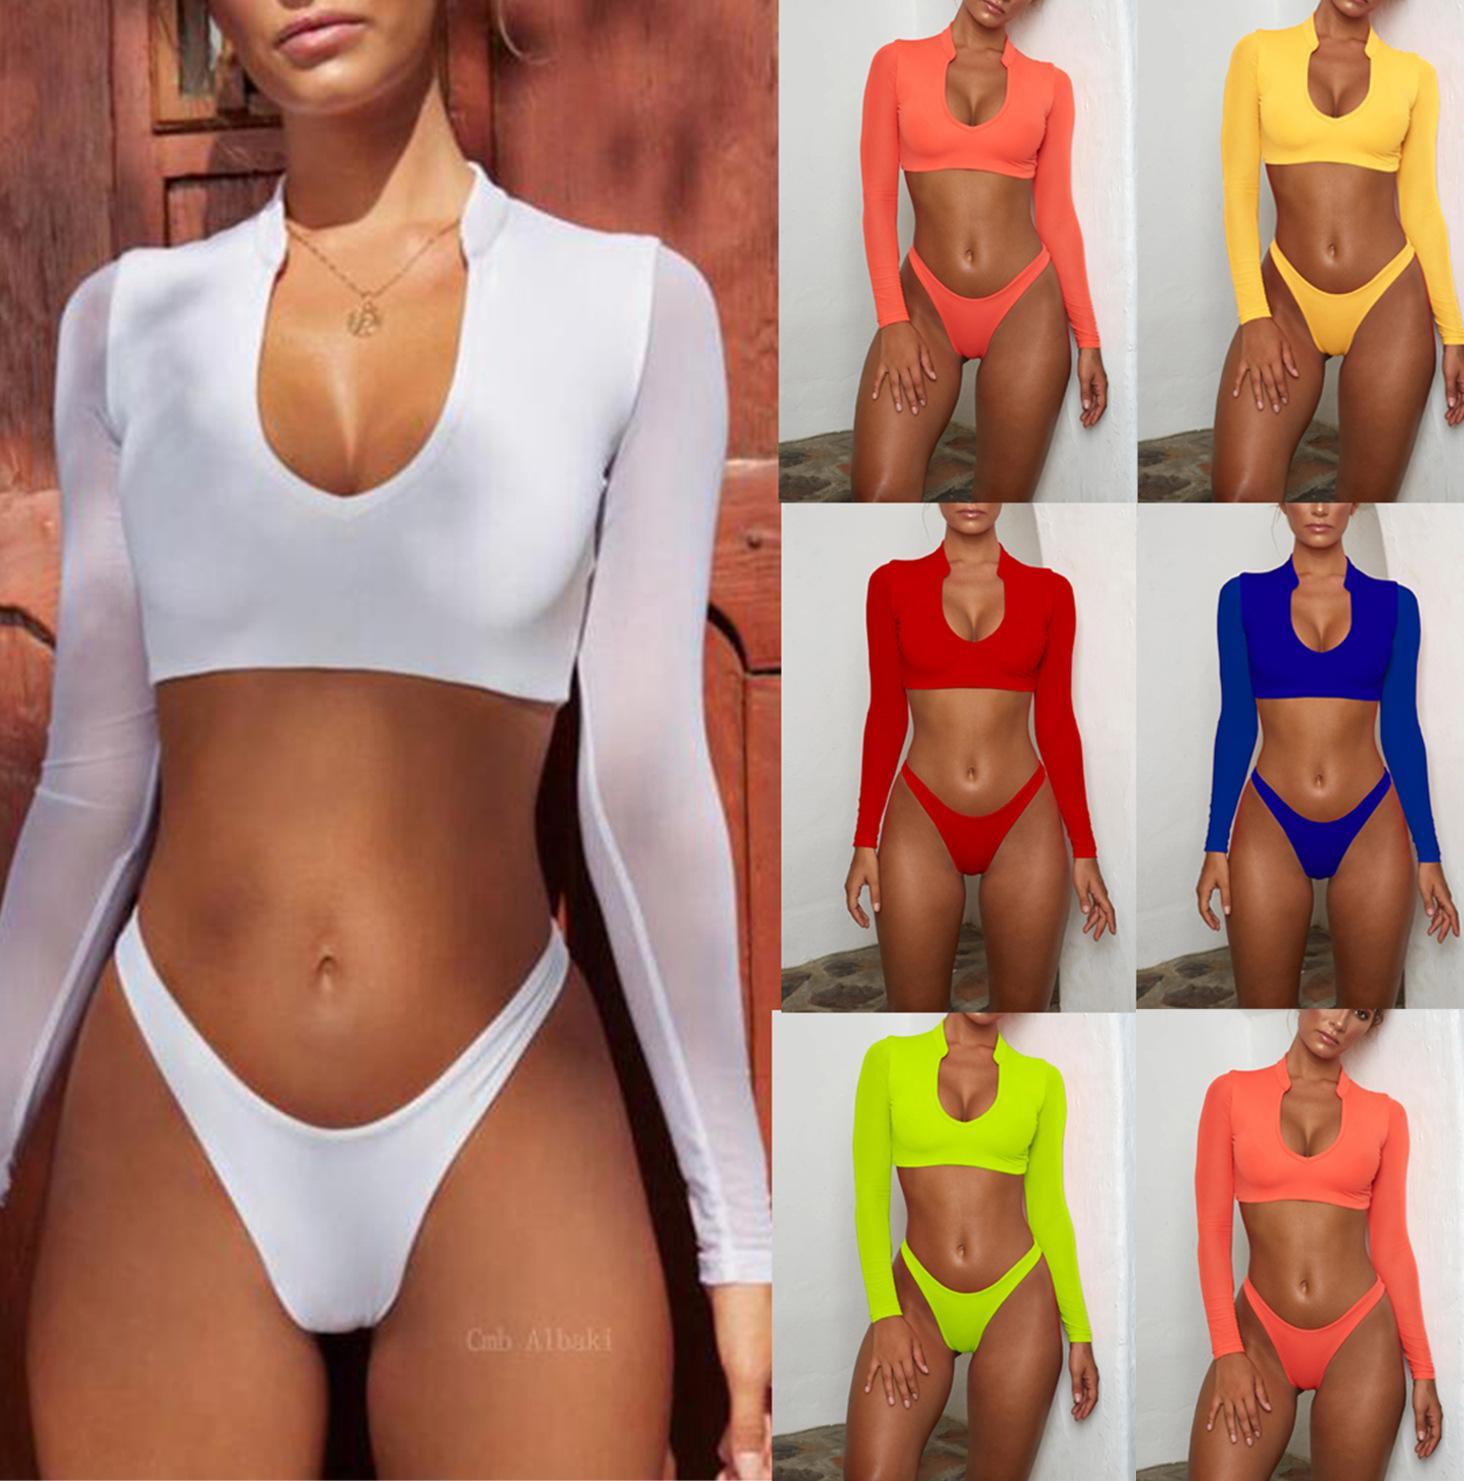 8f83b51d651e 2 modelos de tendencias de color Amazon AliExpress manga larga manga larga  bikini traje de baño dividir por separado 2019 nueva moda de lujo